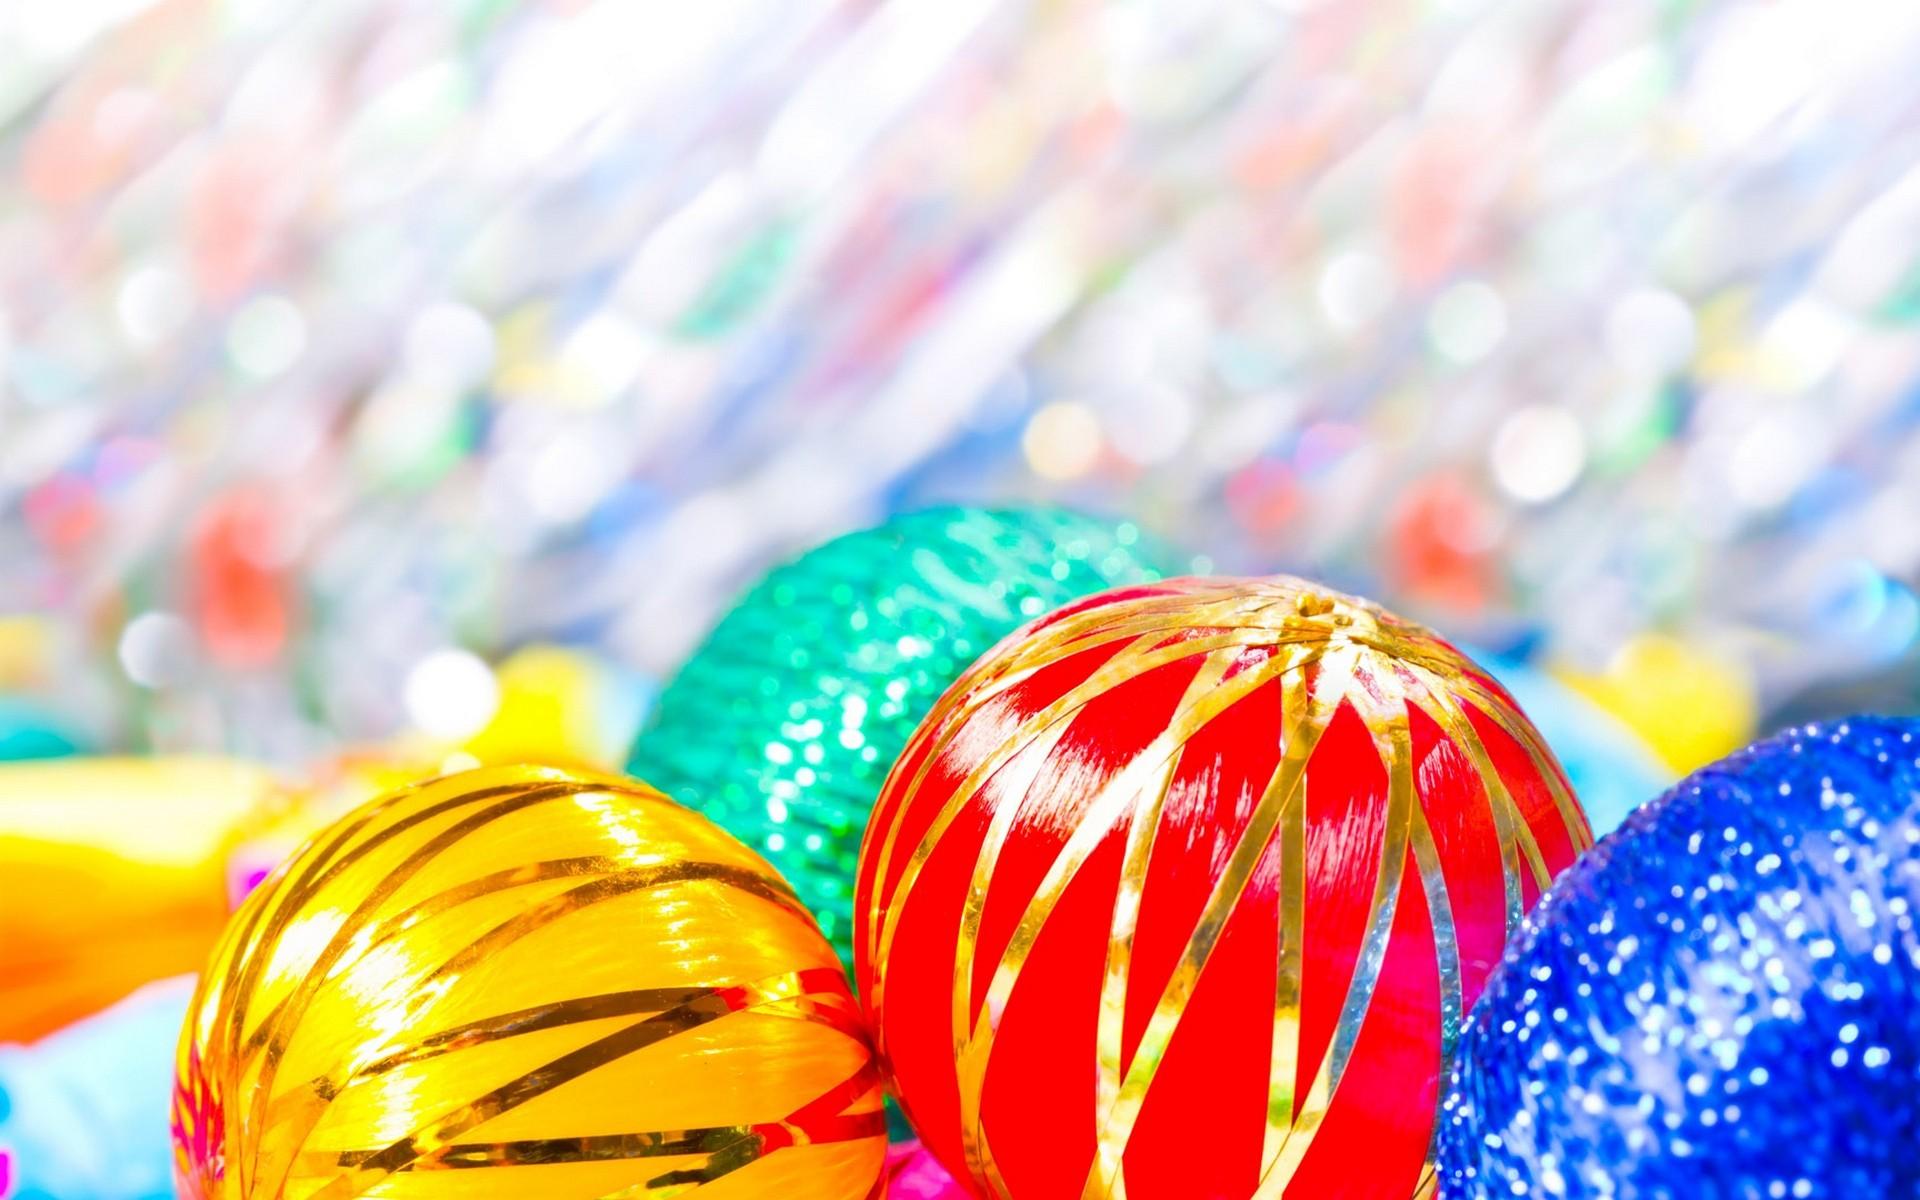 Esferas por navidad - 1920x1200